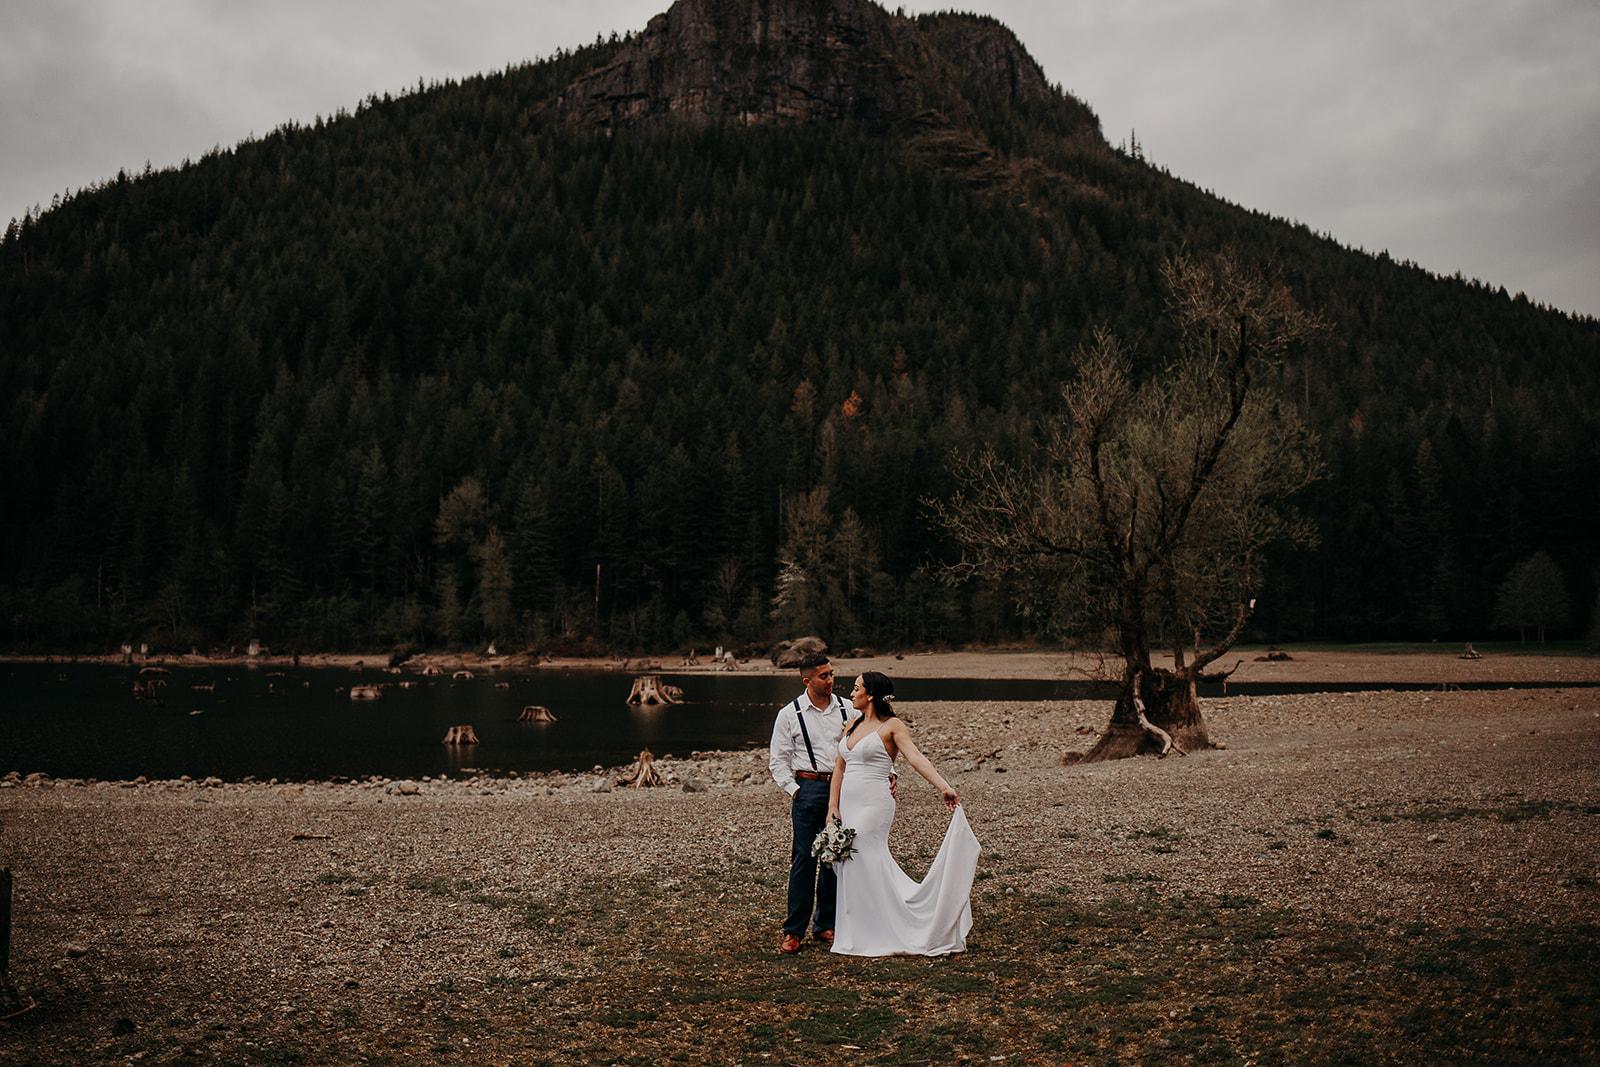 winter-mountain-elopement-asheville-wedding-photographer-megan-gallagher-photographer (66).jpg